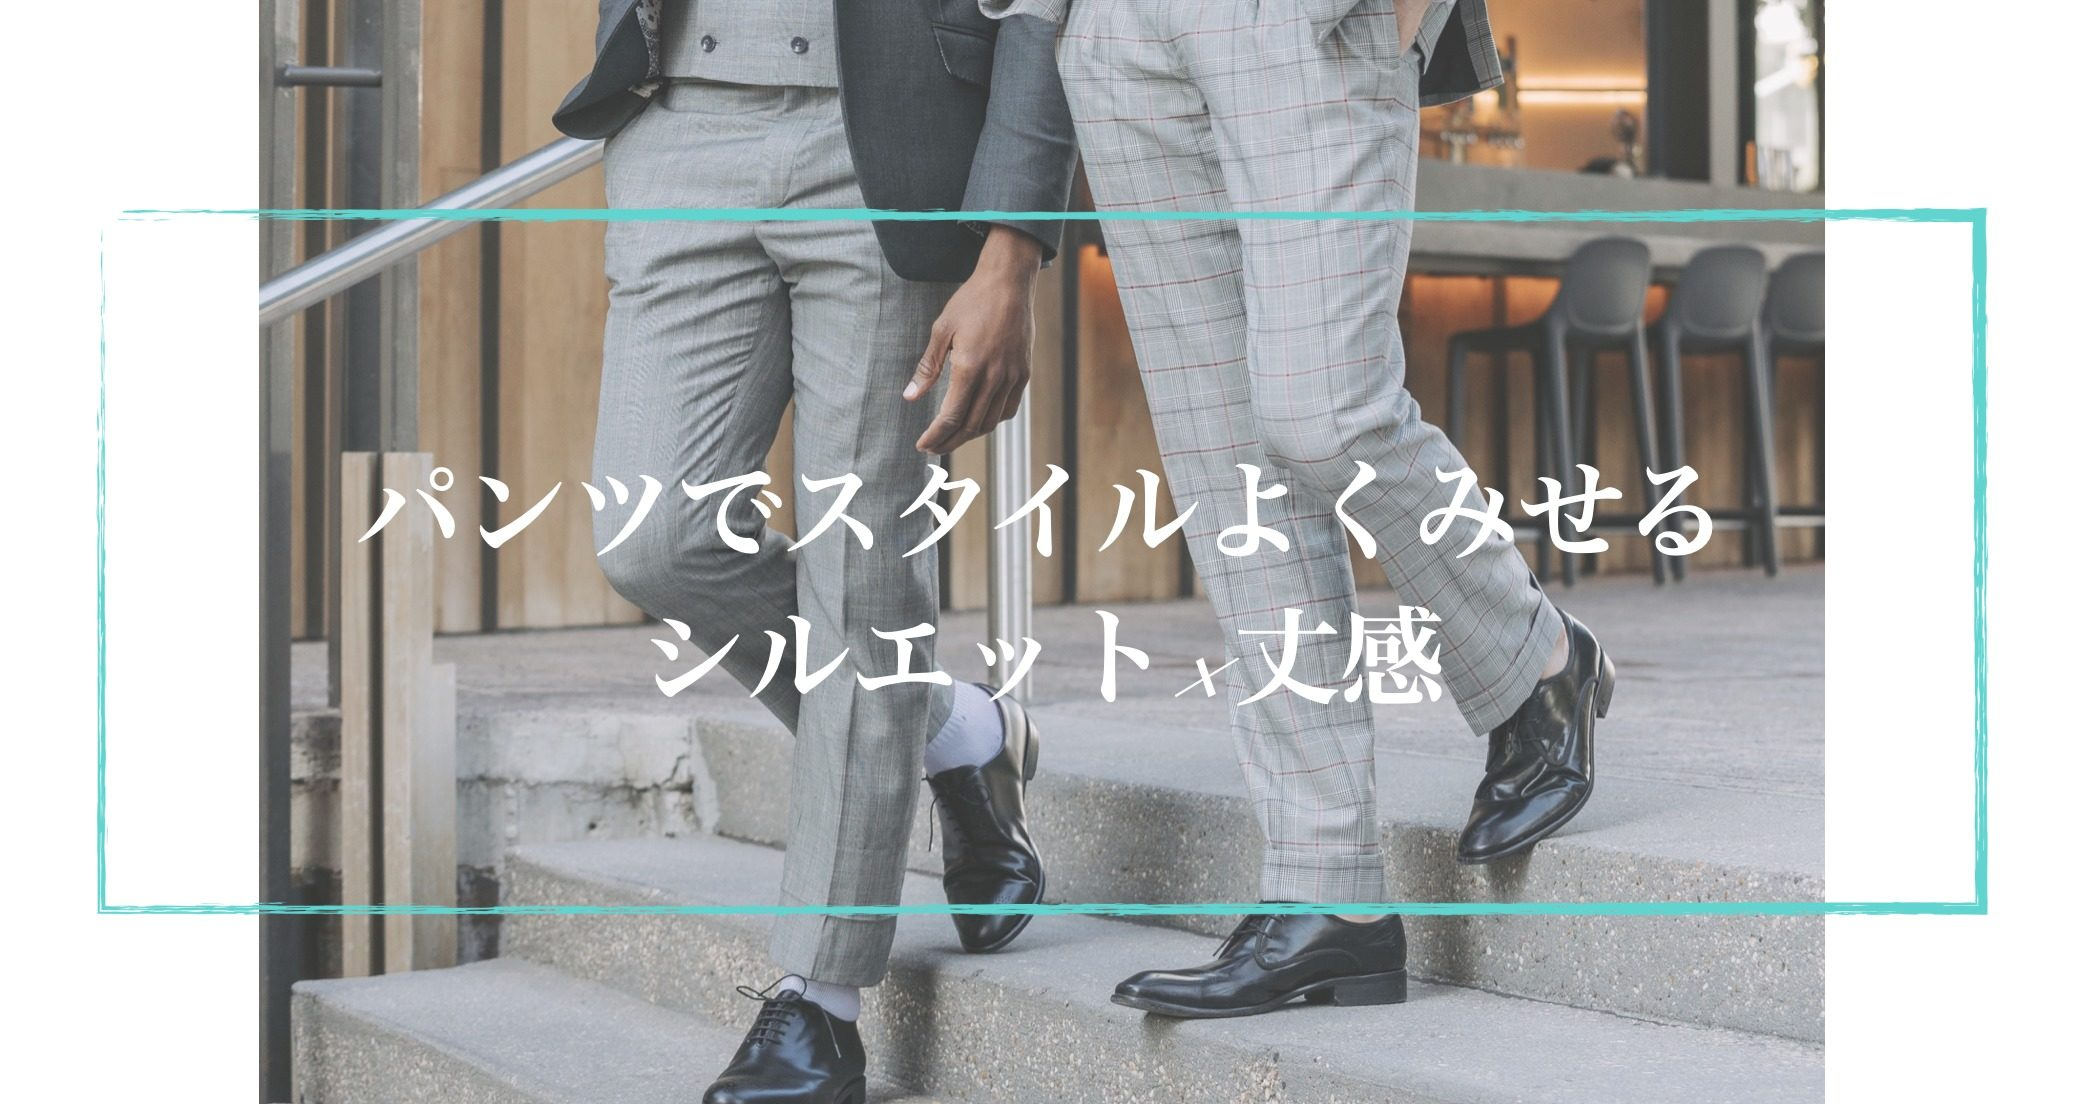 低身長に似合うパンツと丈感はデザインによって変えてみる。